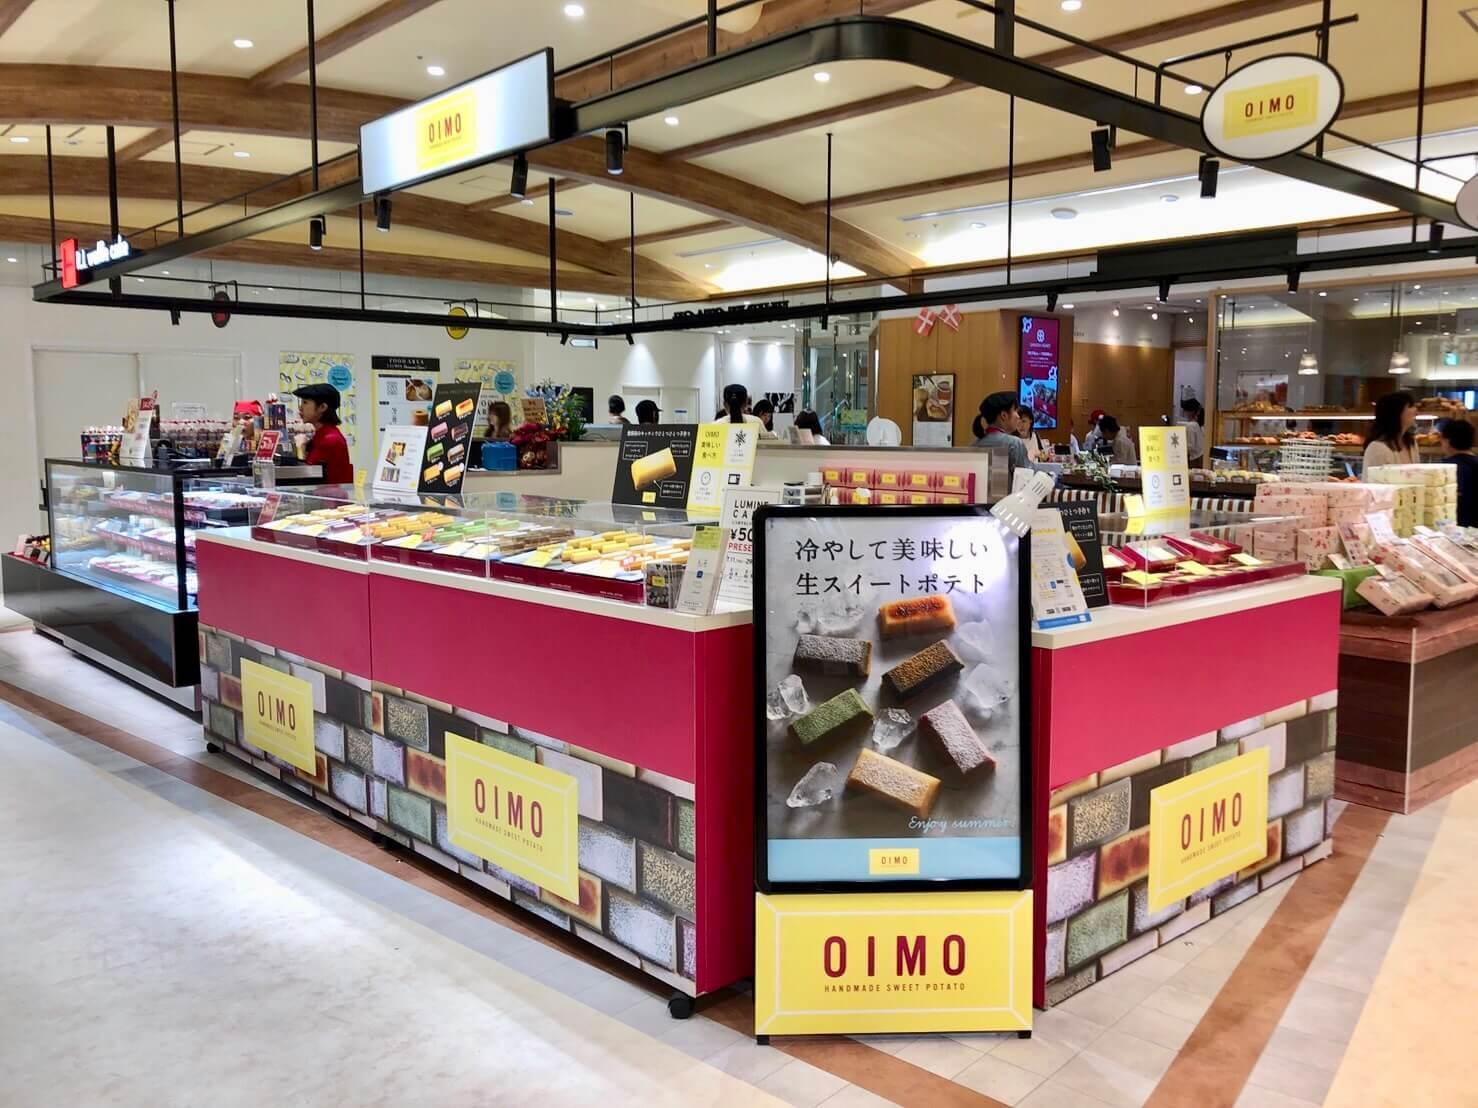 【閉店】OIMO ルミネ大宮店の生スイートポテトを食べてみた!メニュー・値段・賞味期限なども紹介